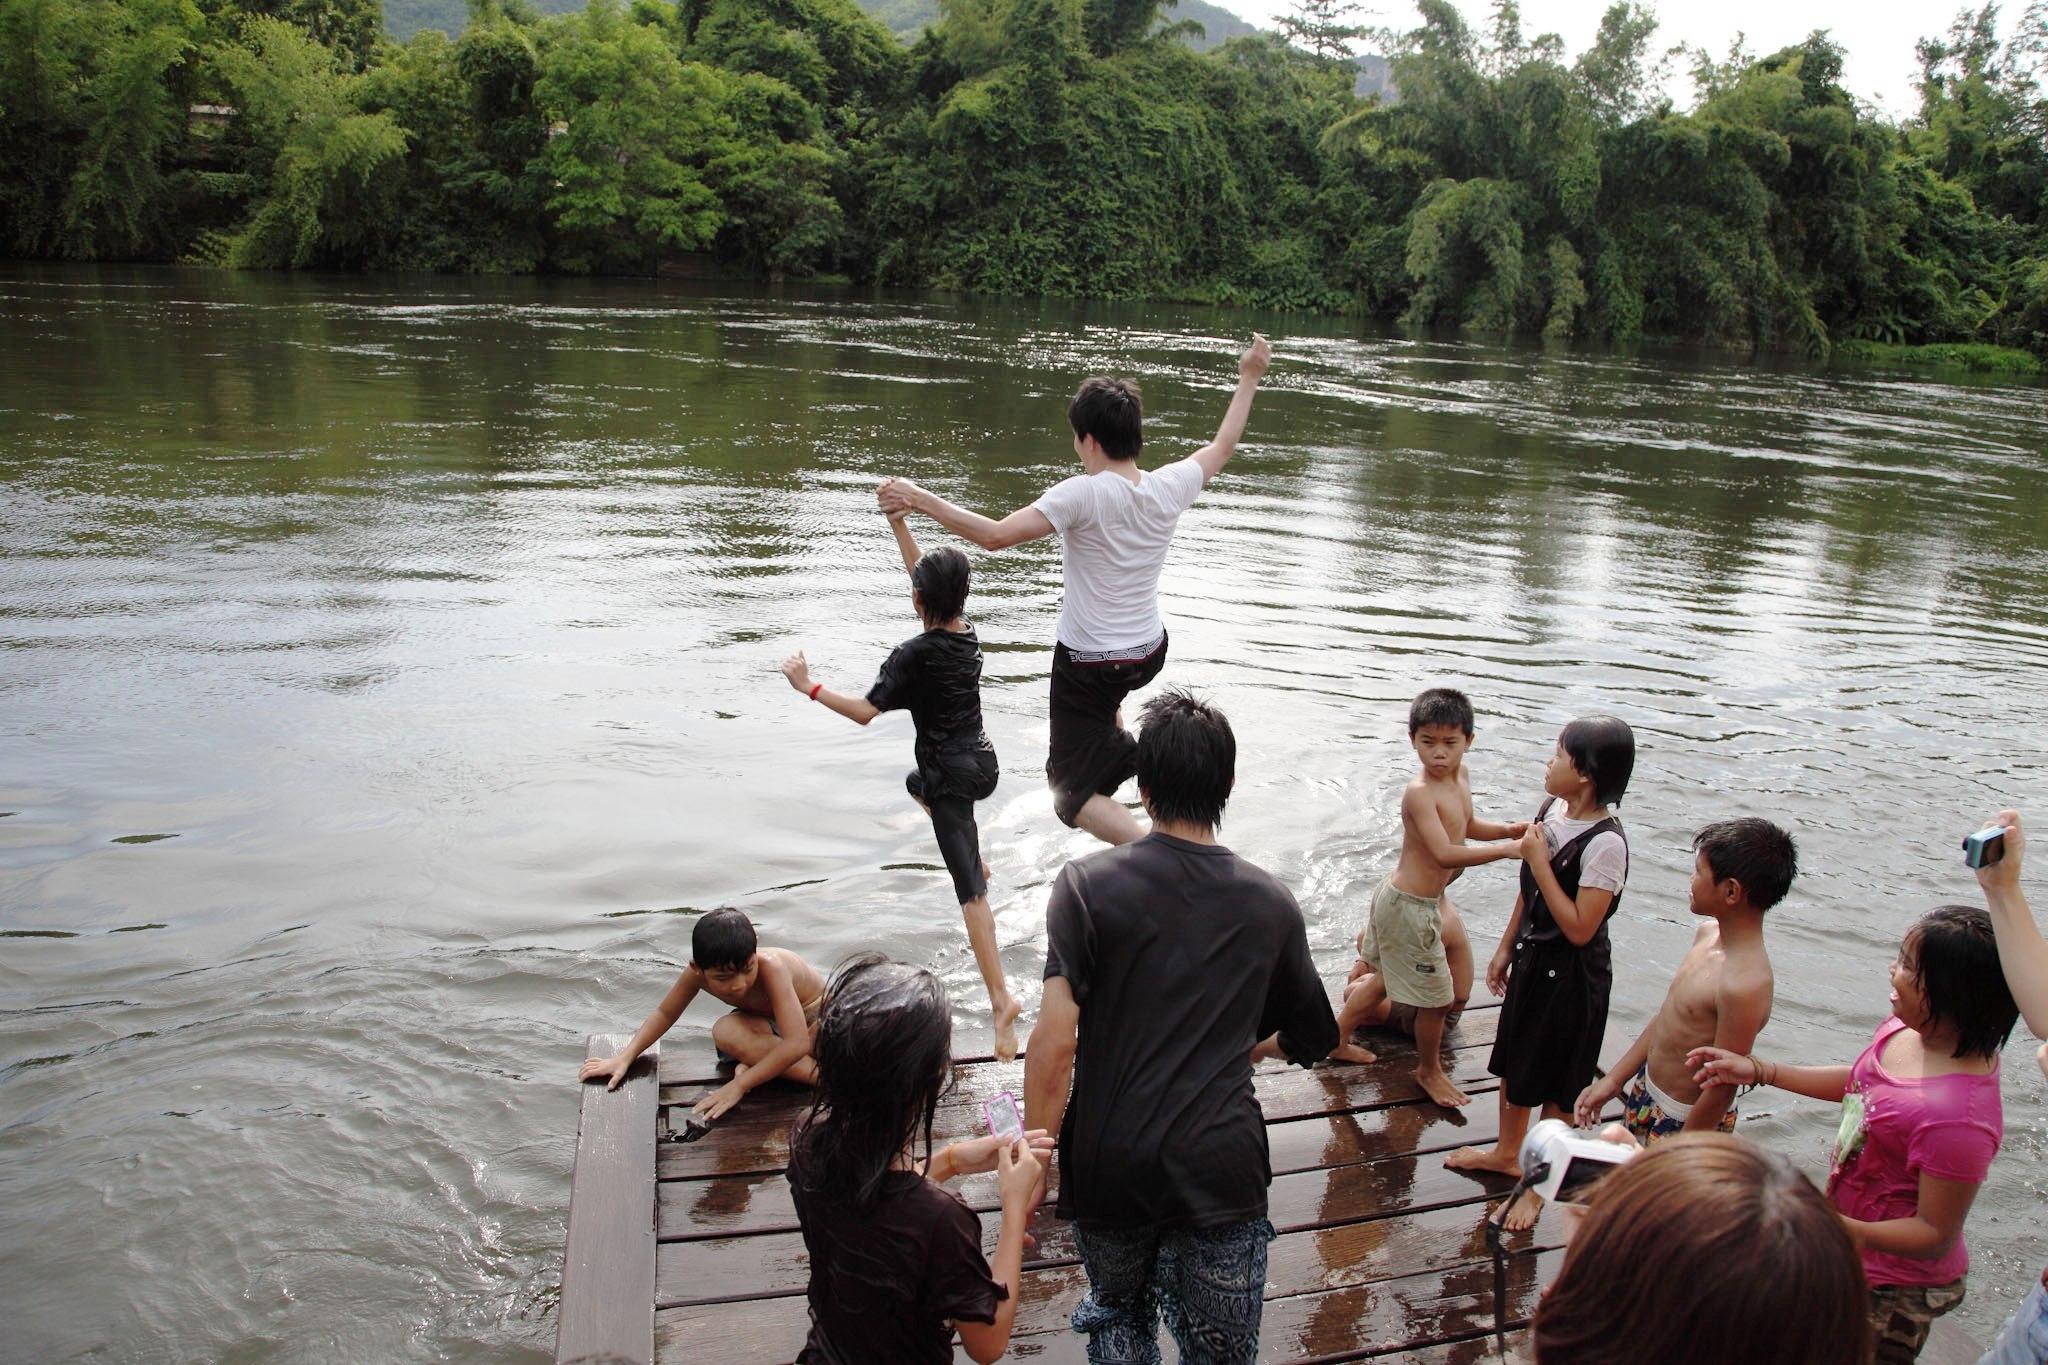 【関空発】タイ 孤児院の子どもたちと遠足へ!笑顔と思い出を作る活動6日間